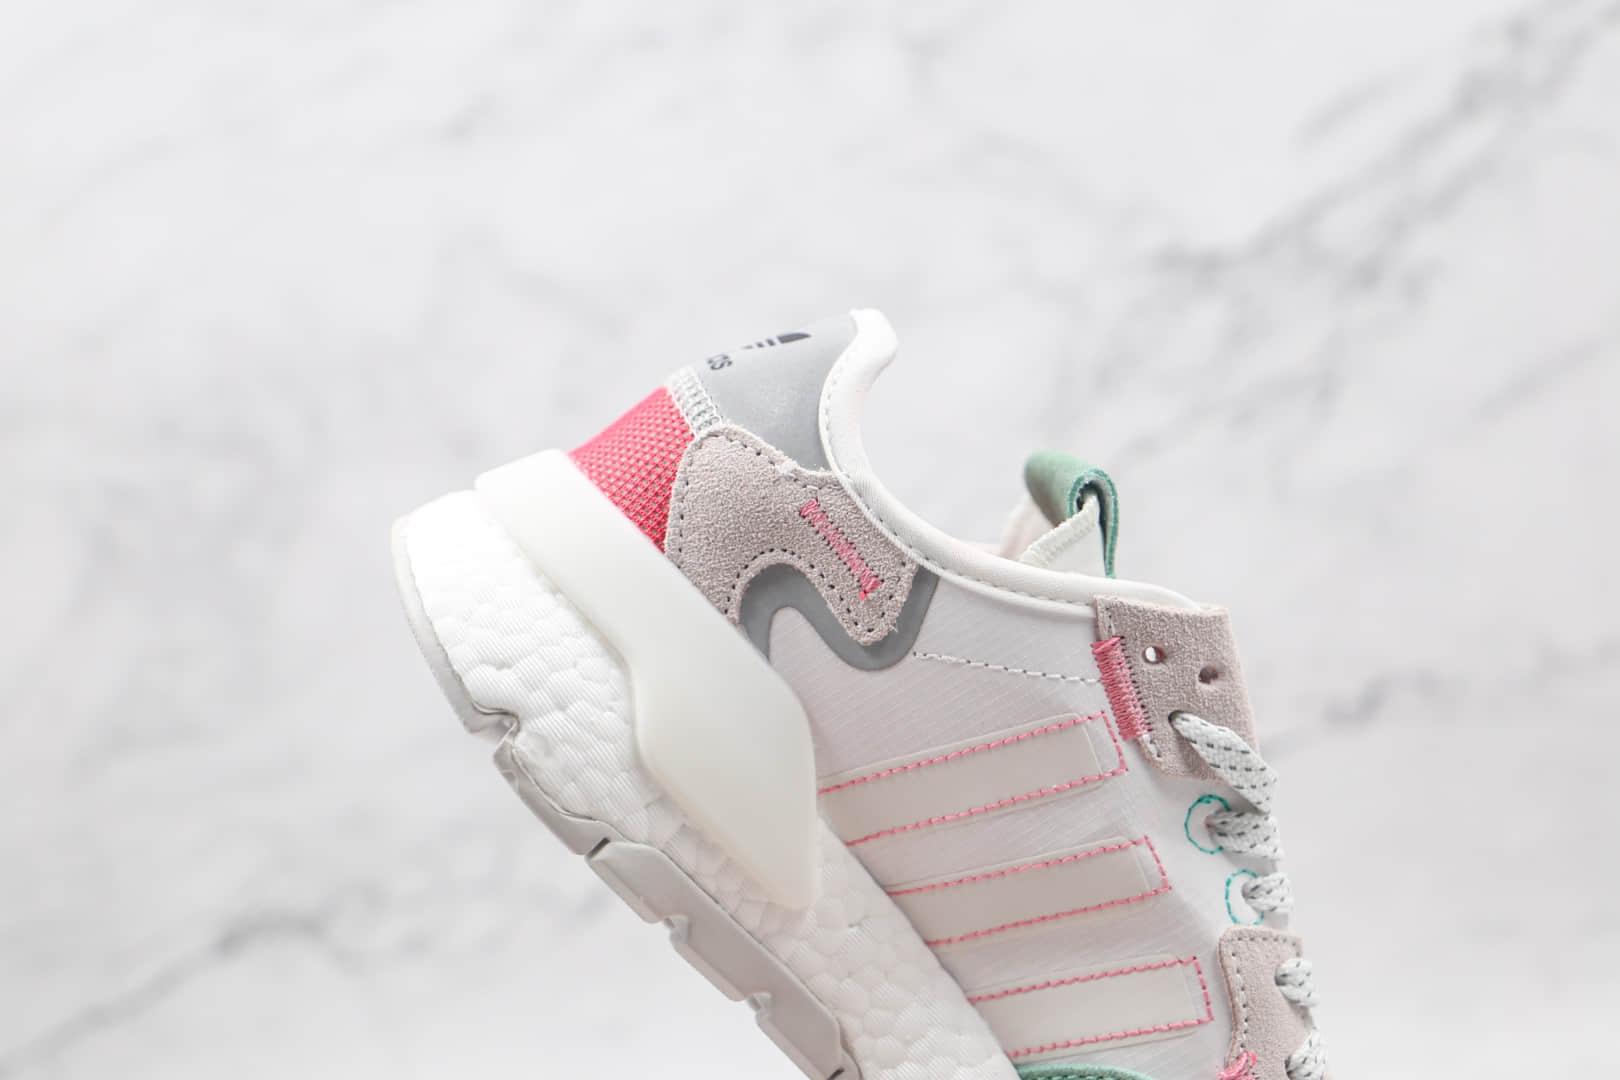 阿迪达斯Adidas Nite Jogger 2019 Boost纯原版本夜行者一代灰绿色爆米花跑鞋原楦头纸板打造 货号:HO3251